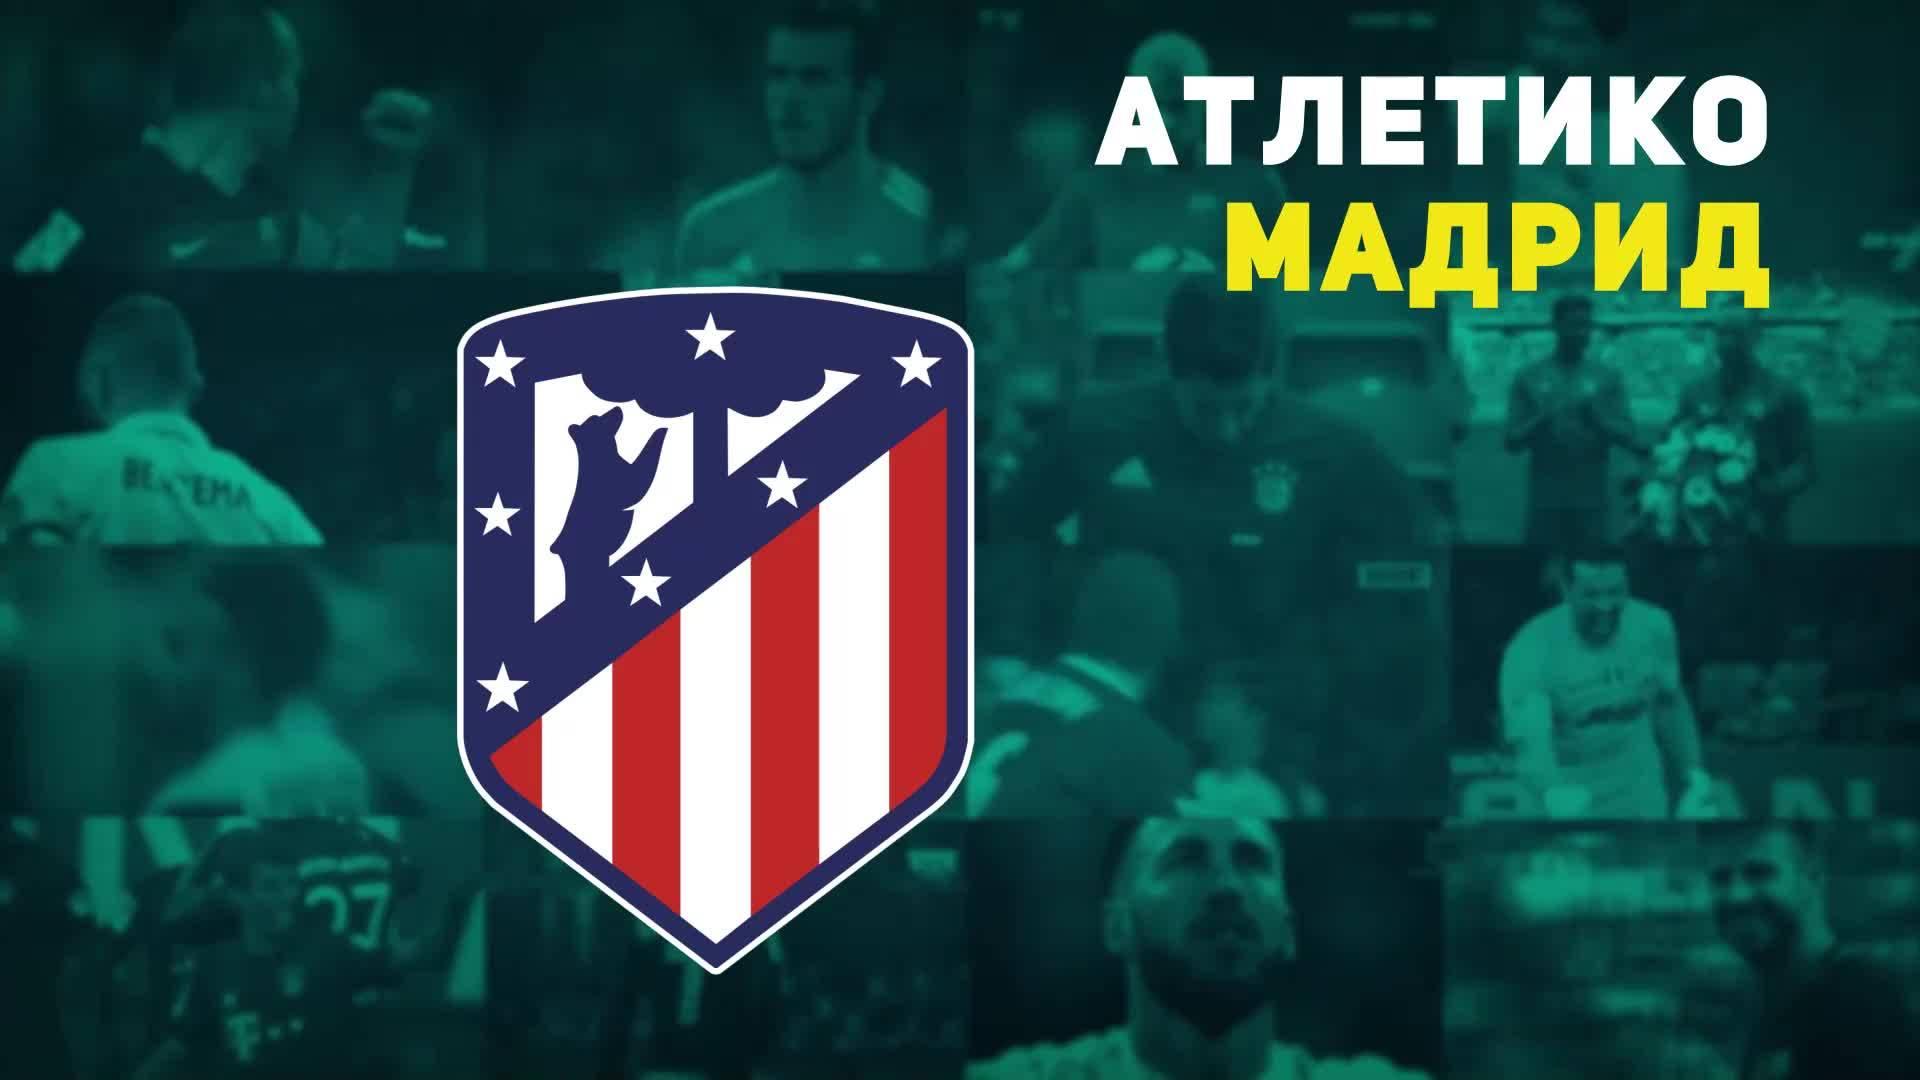 Атлетико Мадрид: Коравите дюшекчии